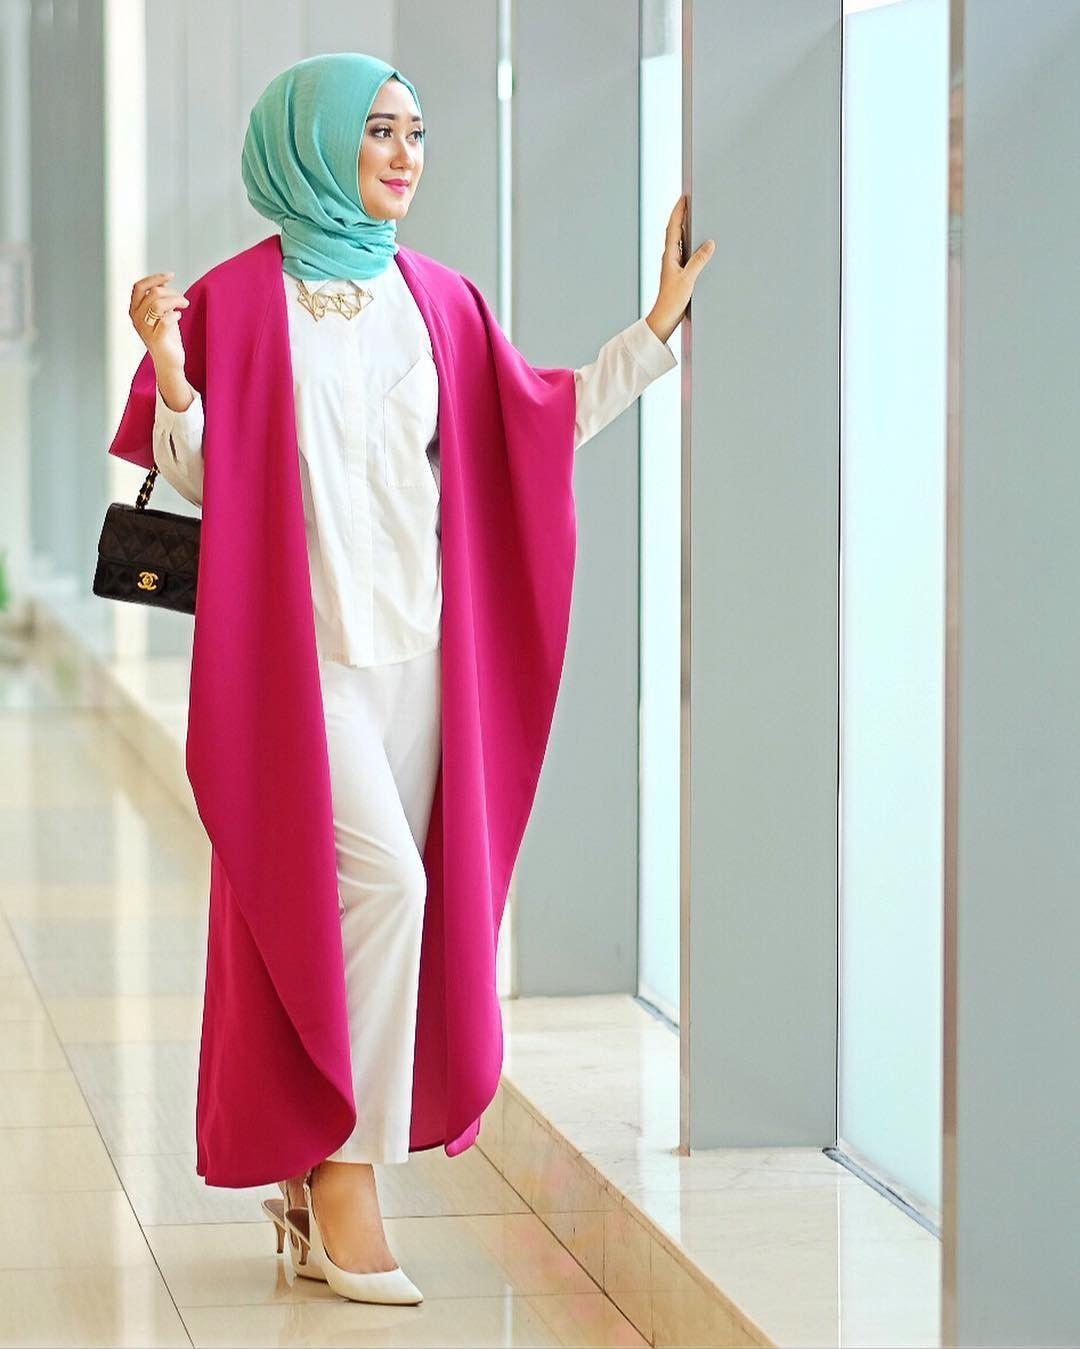 Mau Coba Trend Fashion Unik yang Sedang Marak di Generasi Millenial Indonesia?